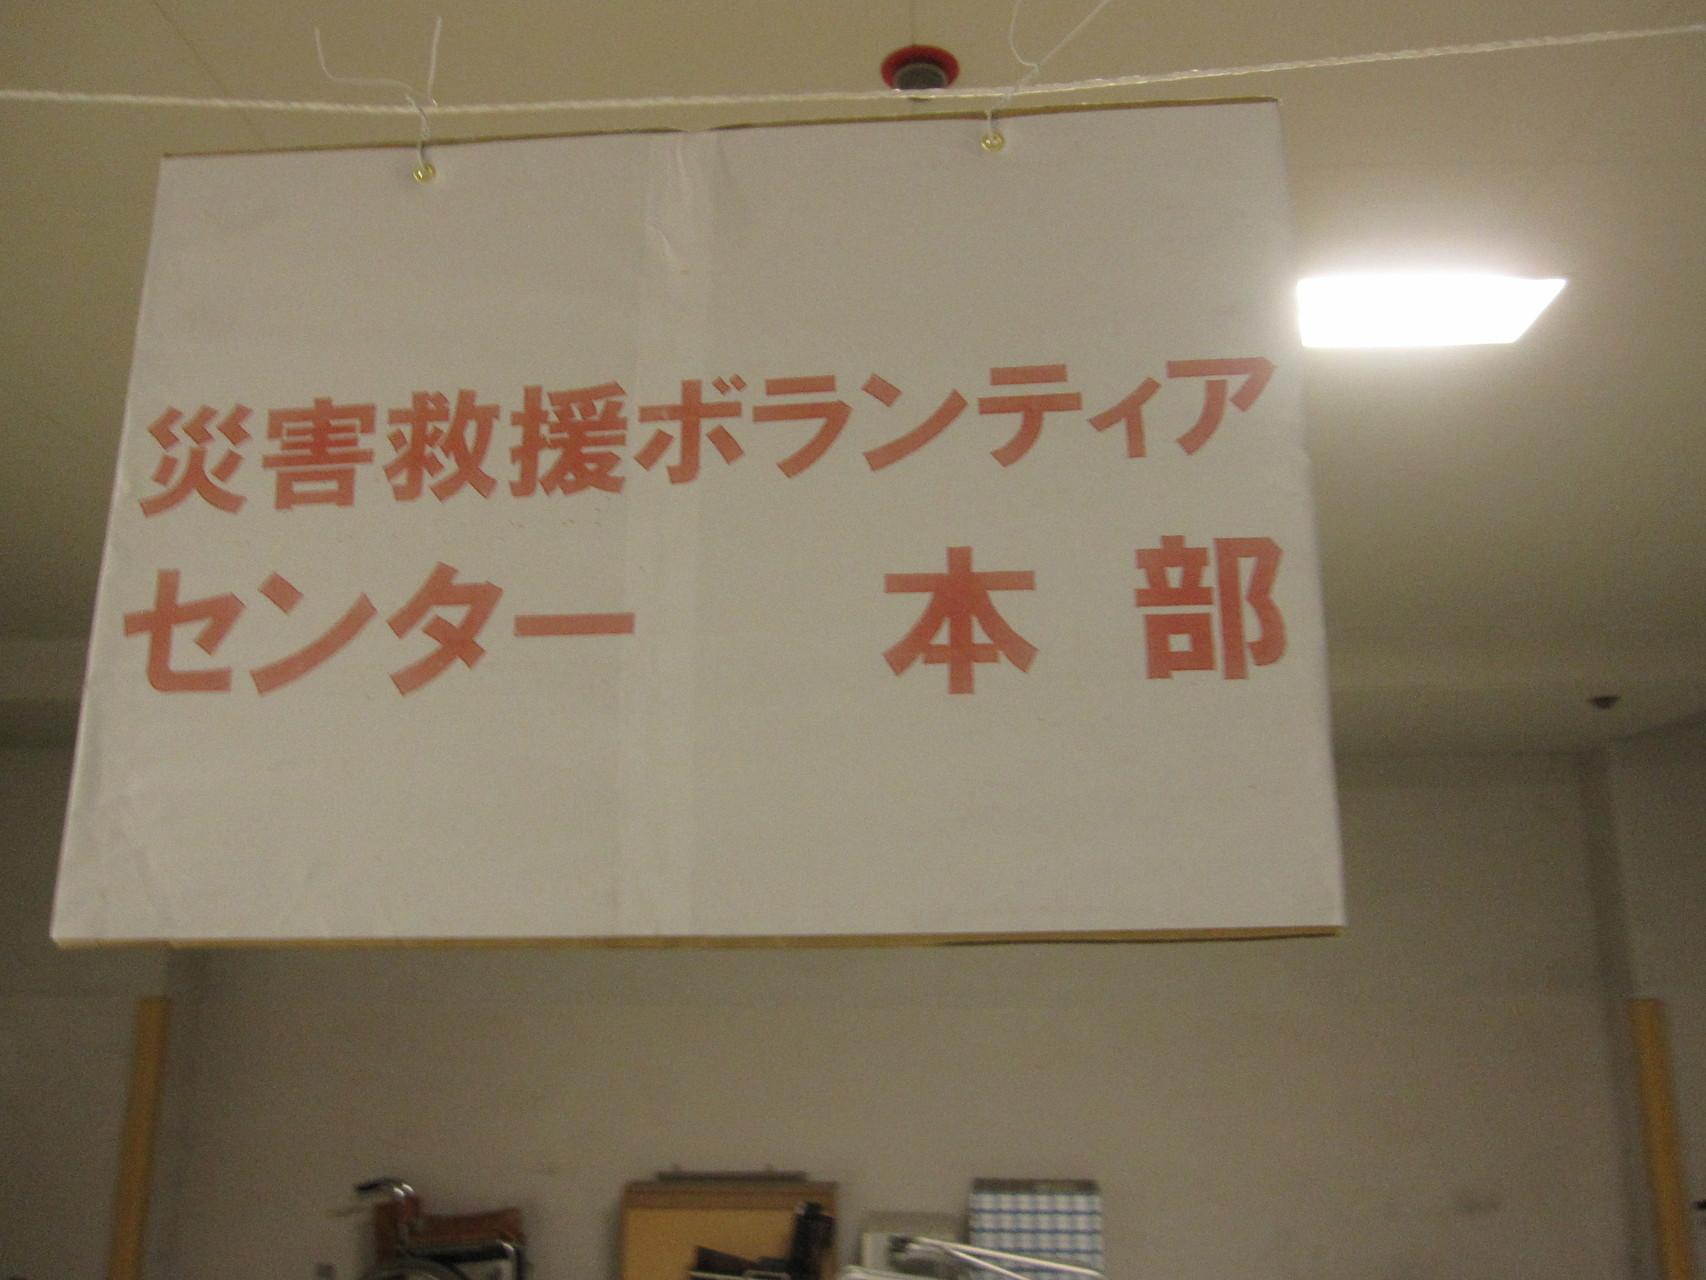 災害救援ボランティアセンター本部(地下1F)